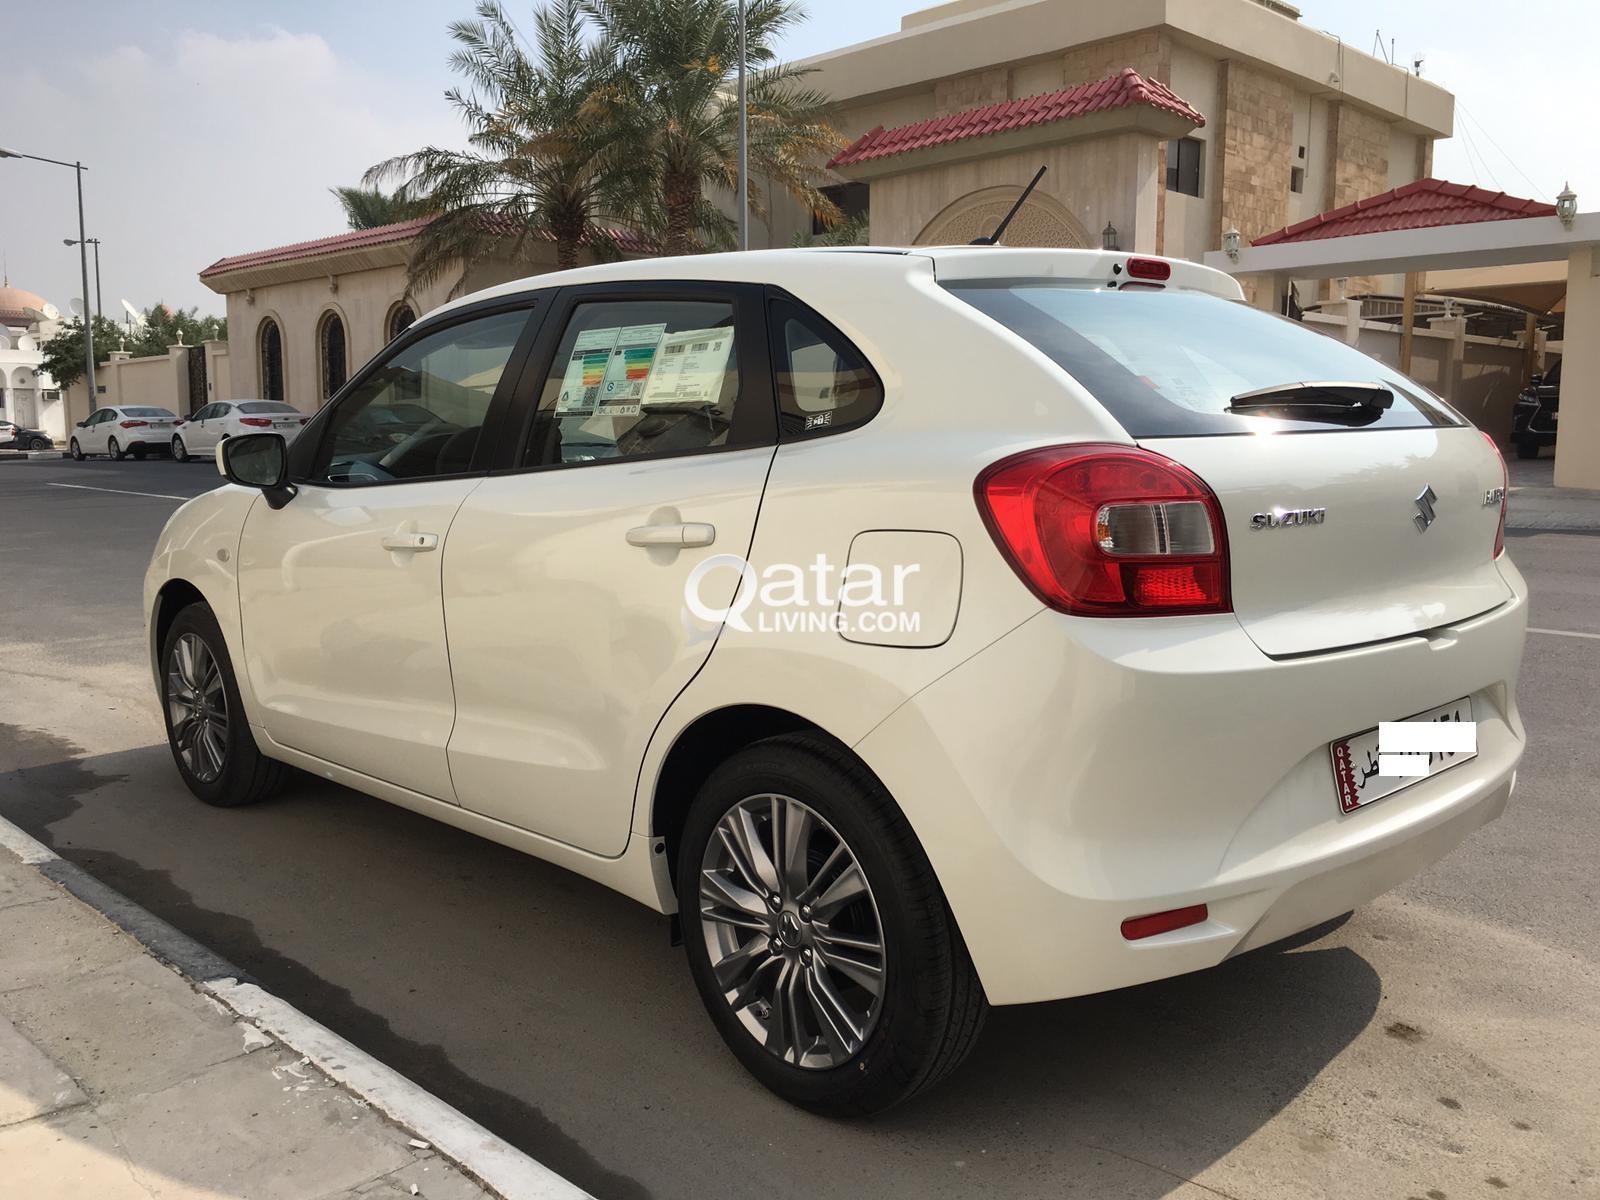 Suzuki Balino monthly rate 59 per day